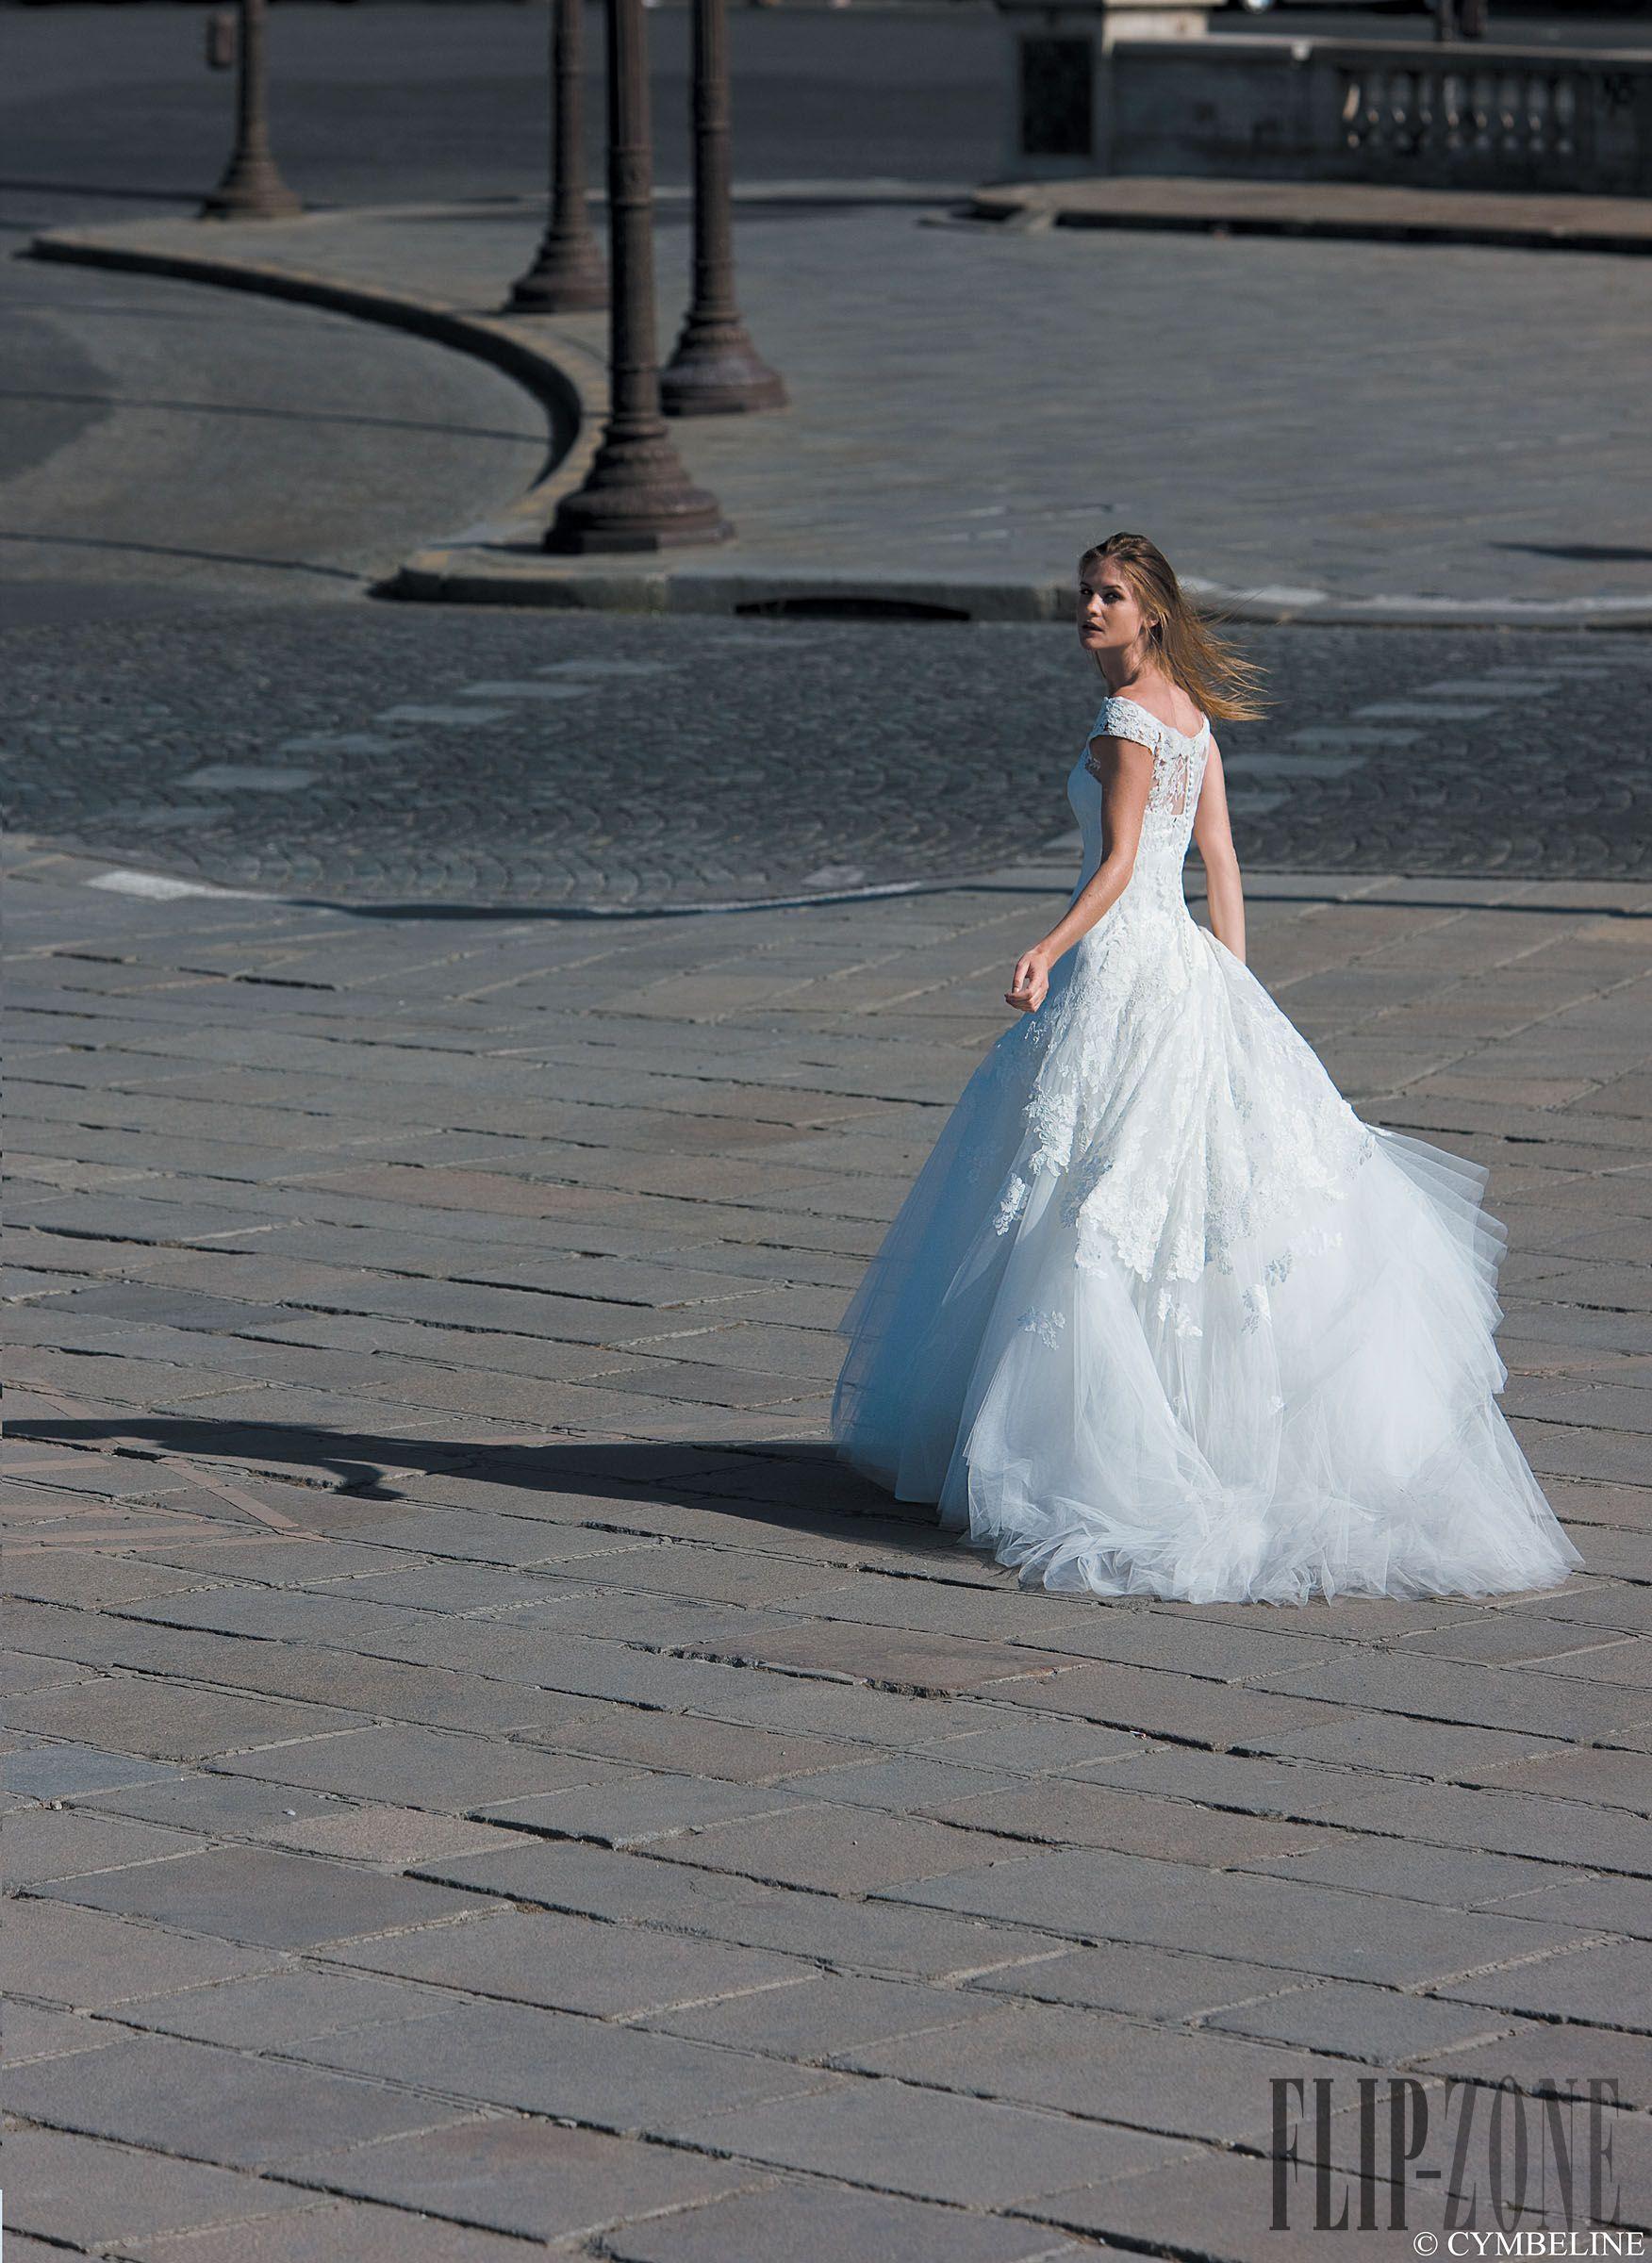 Cymbeline Collezione 2013 - Sposa - http://it.flip-zone.com/fashion/bridal/the-bride/cymbeline